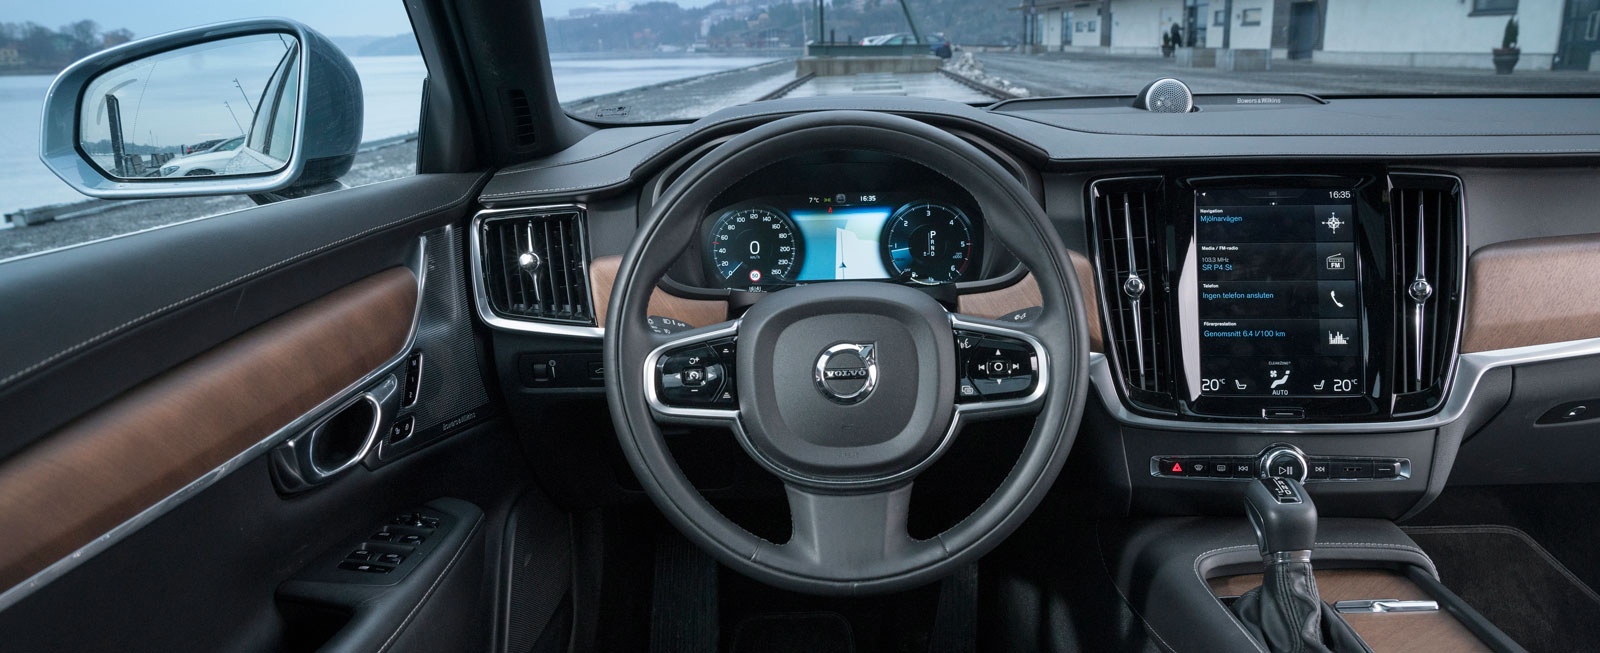 När det gäller kvalitetsintryck och modern teknik är S90 ifatt sina tyska konkurrenter. Men varför ska precis allt styras från Sensus-skärmen?